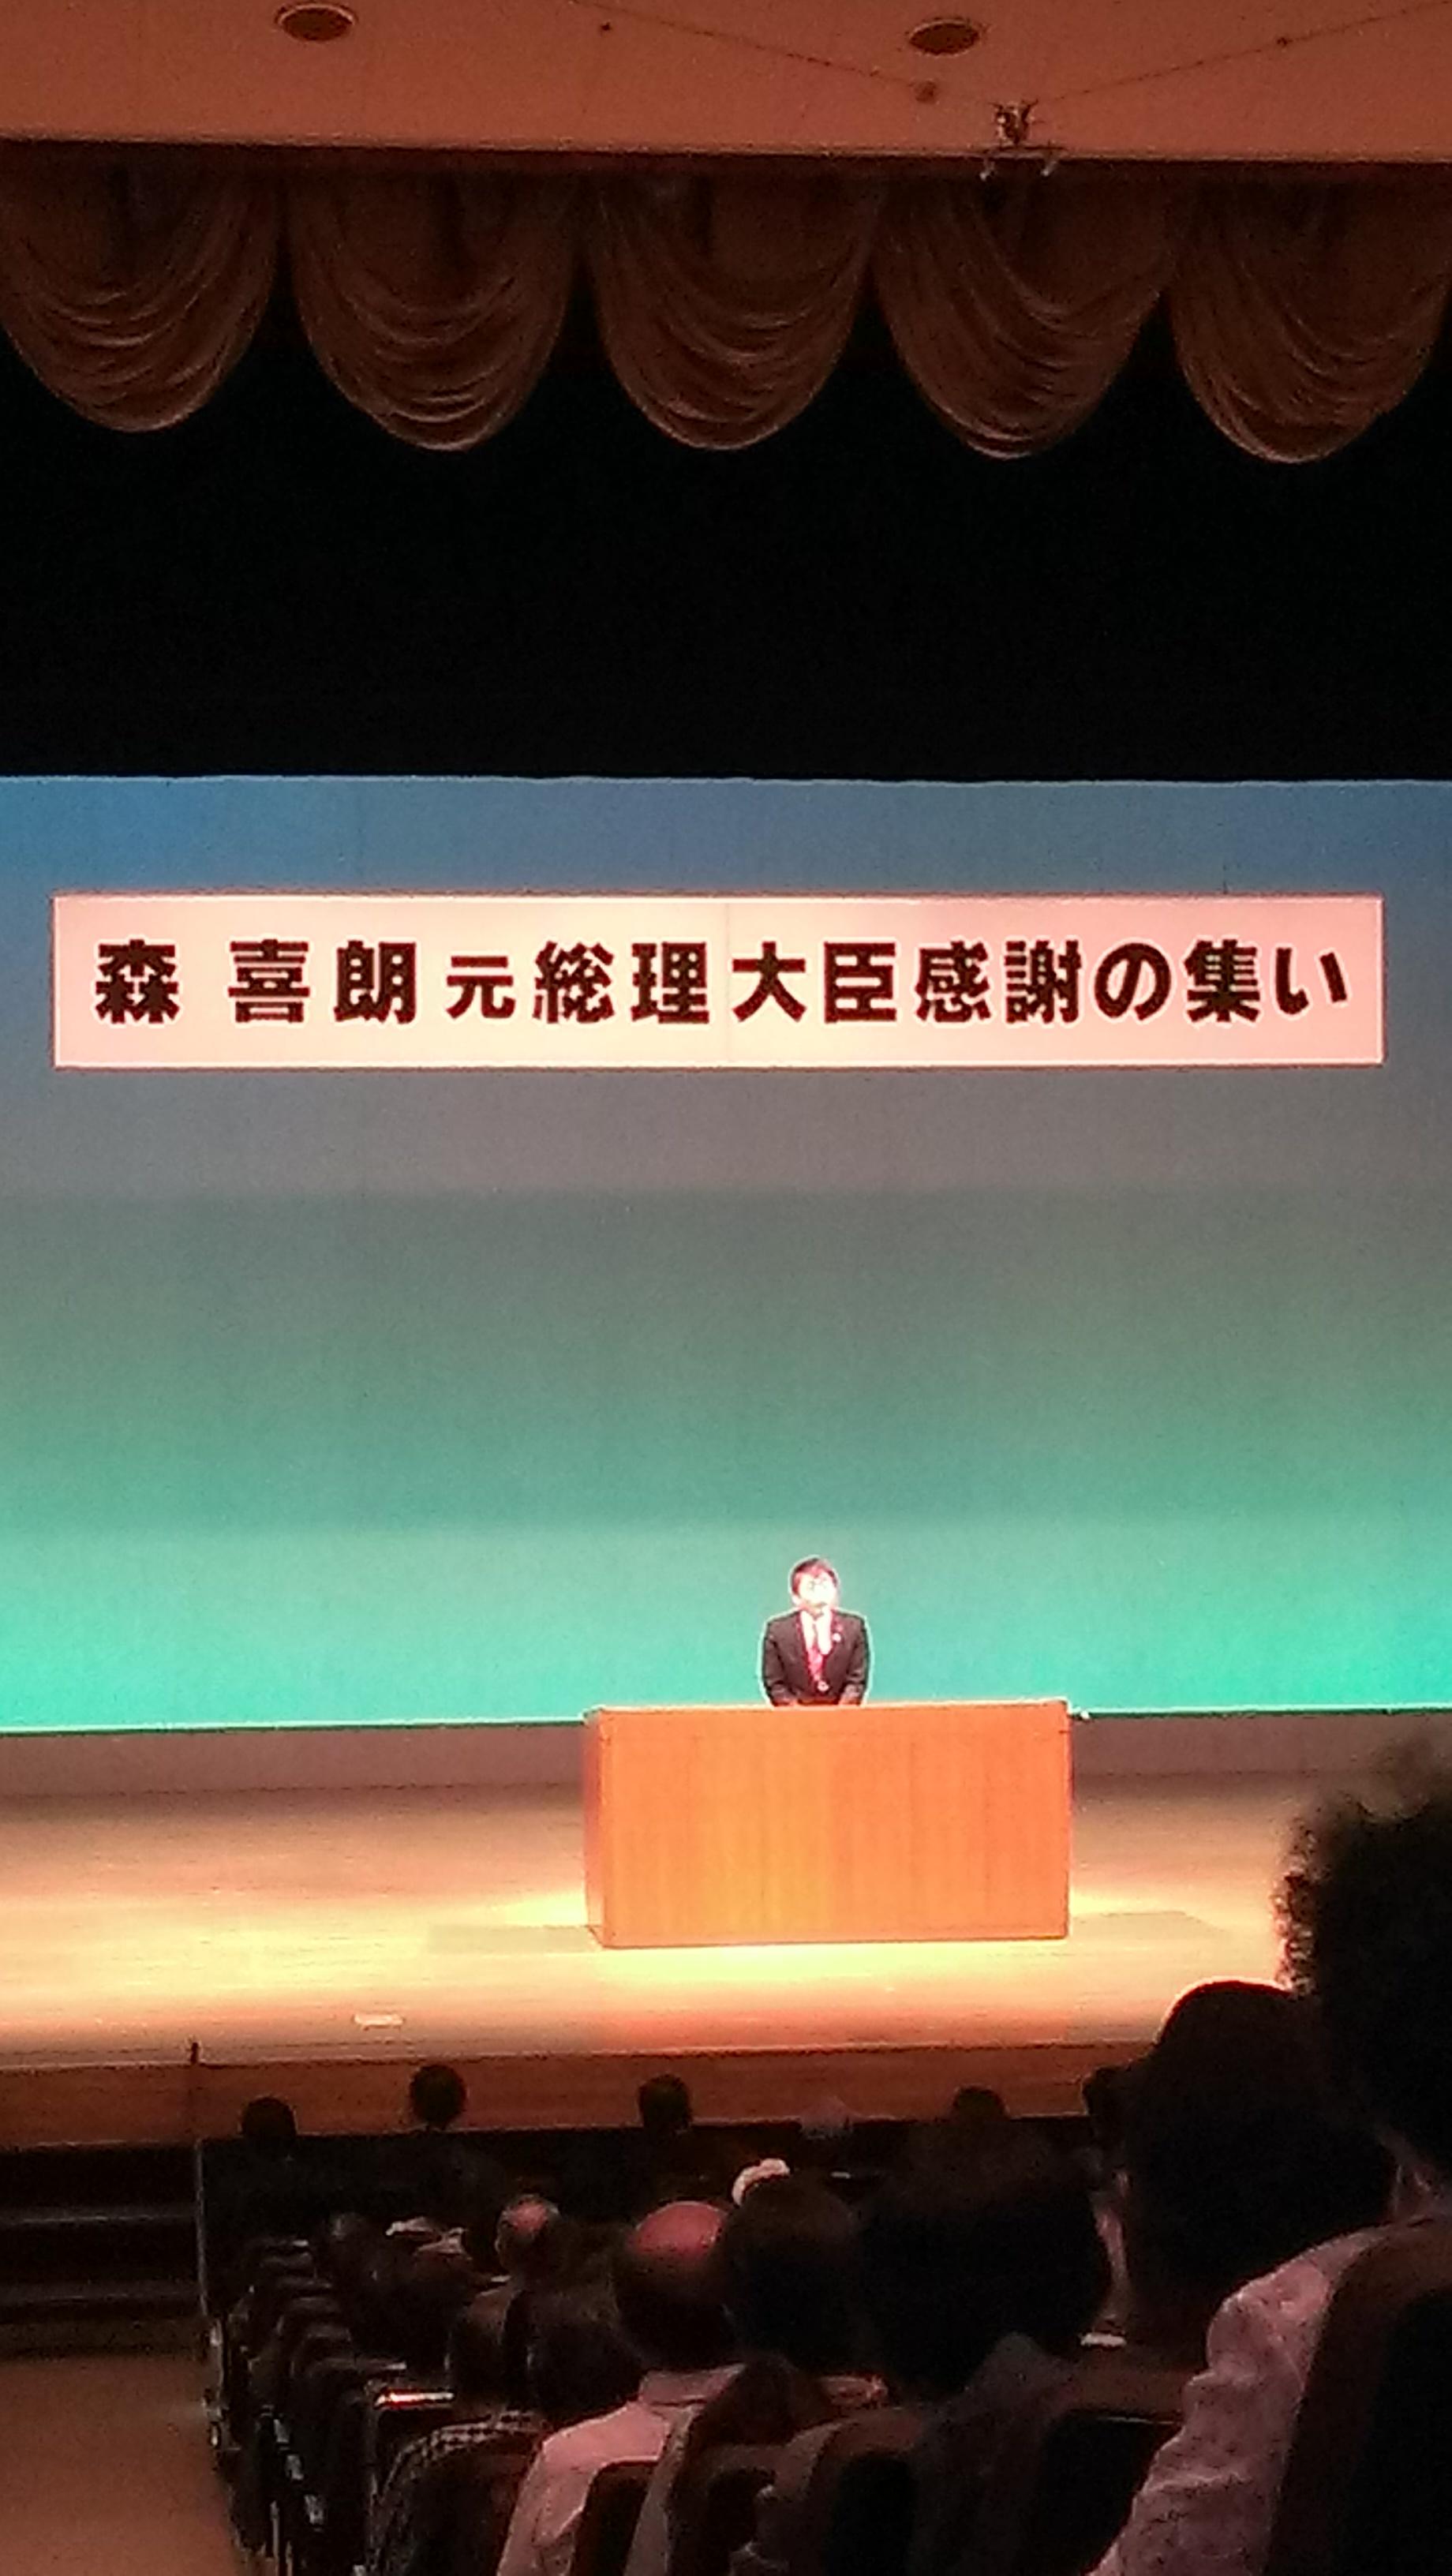 H25.9.22森喜朗元総理大臣感謝の集い 小松市